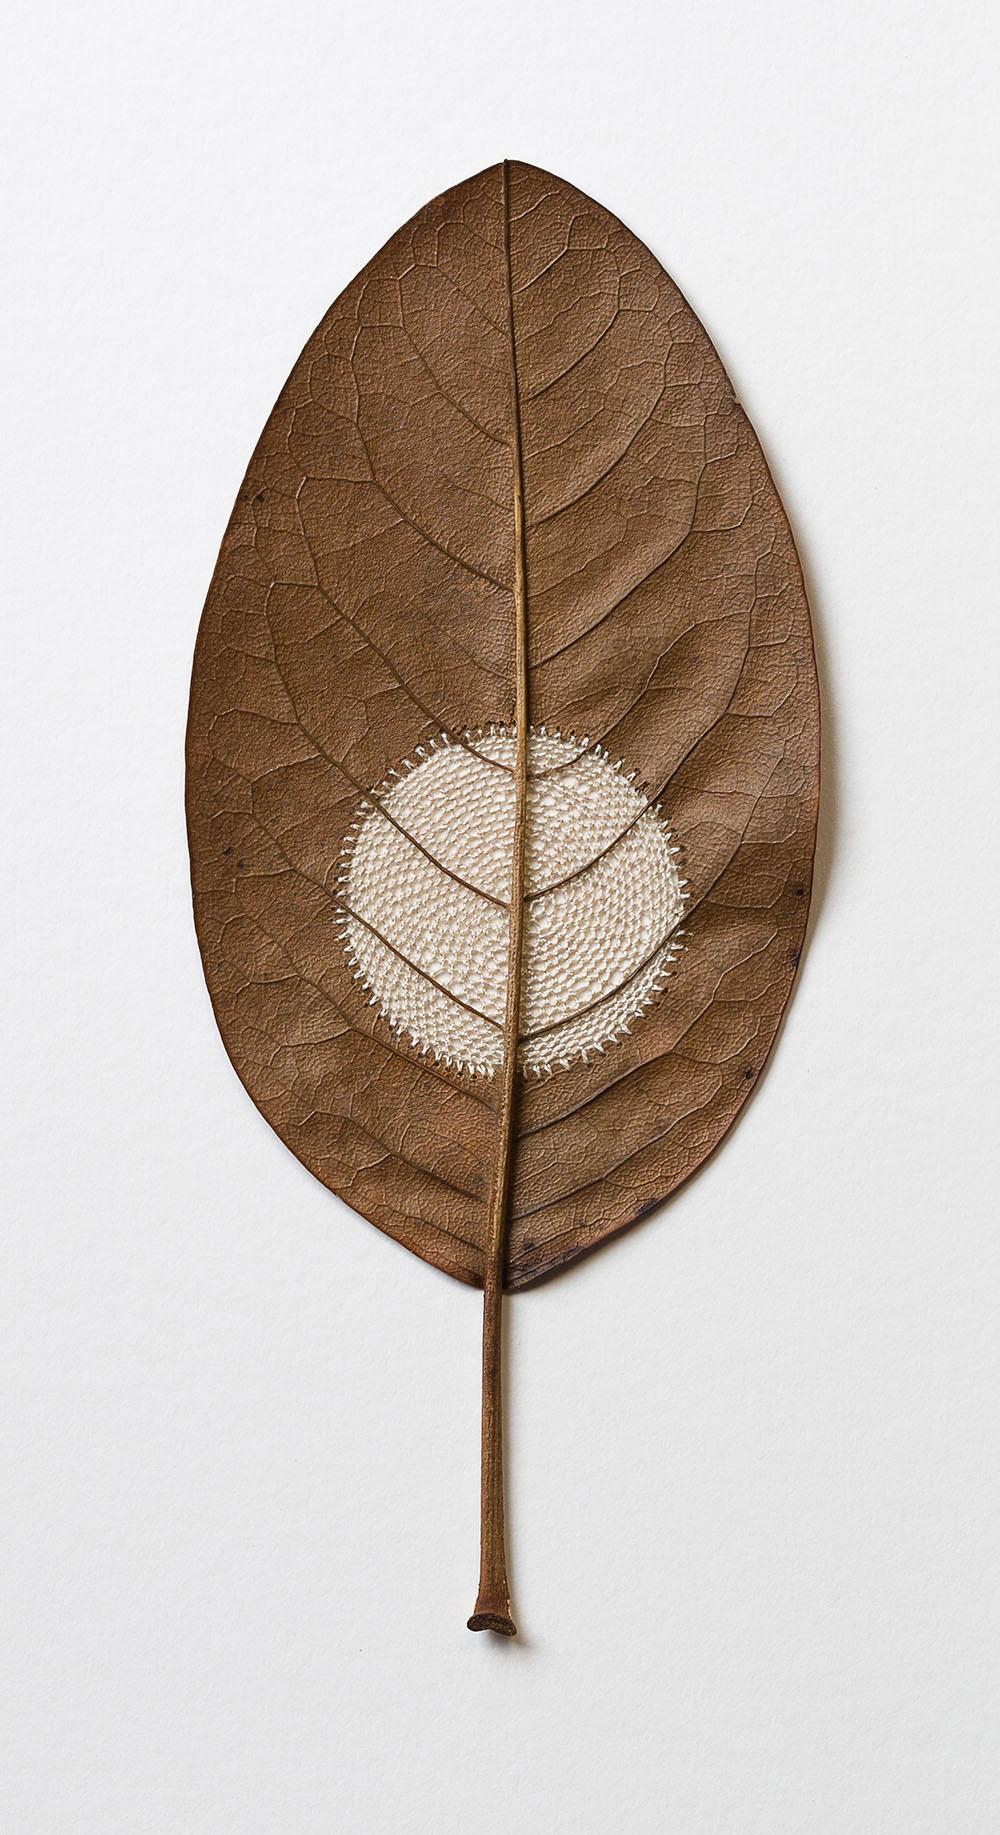 Moon Vlll. 35.8 H x 22 W cm. Magnolia leaf, cotton yarn.